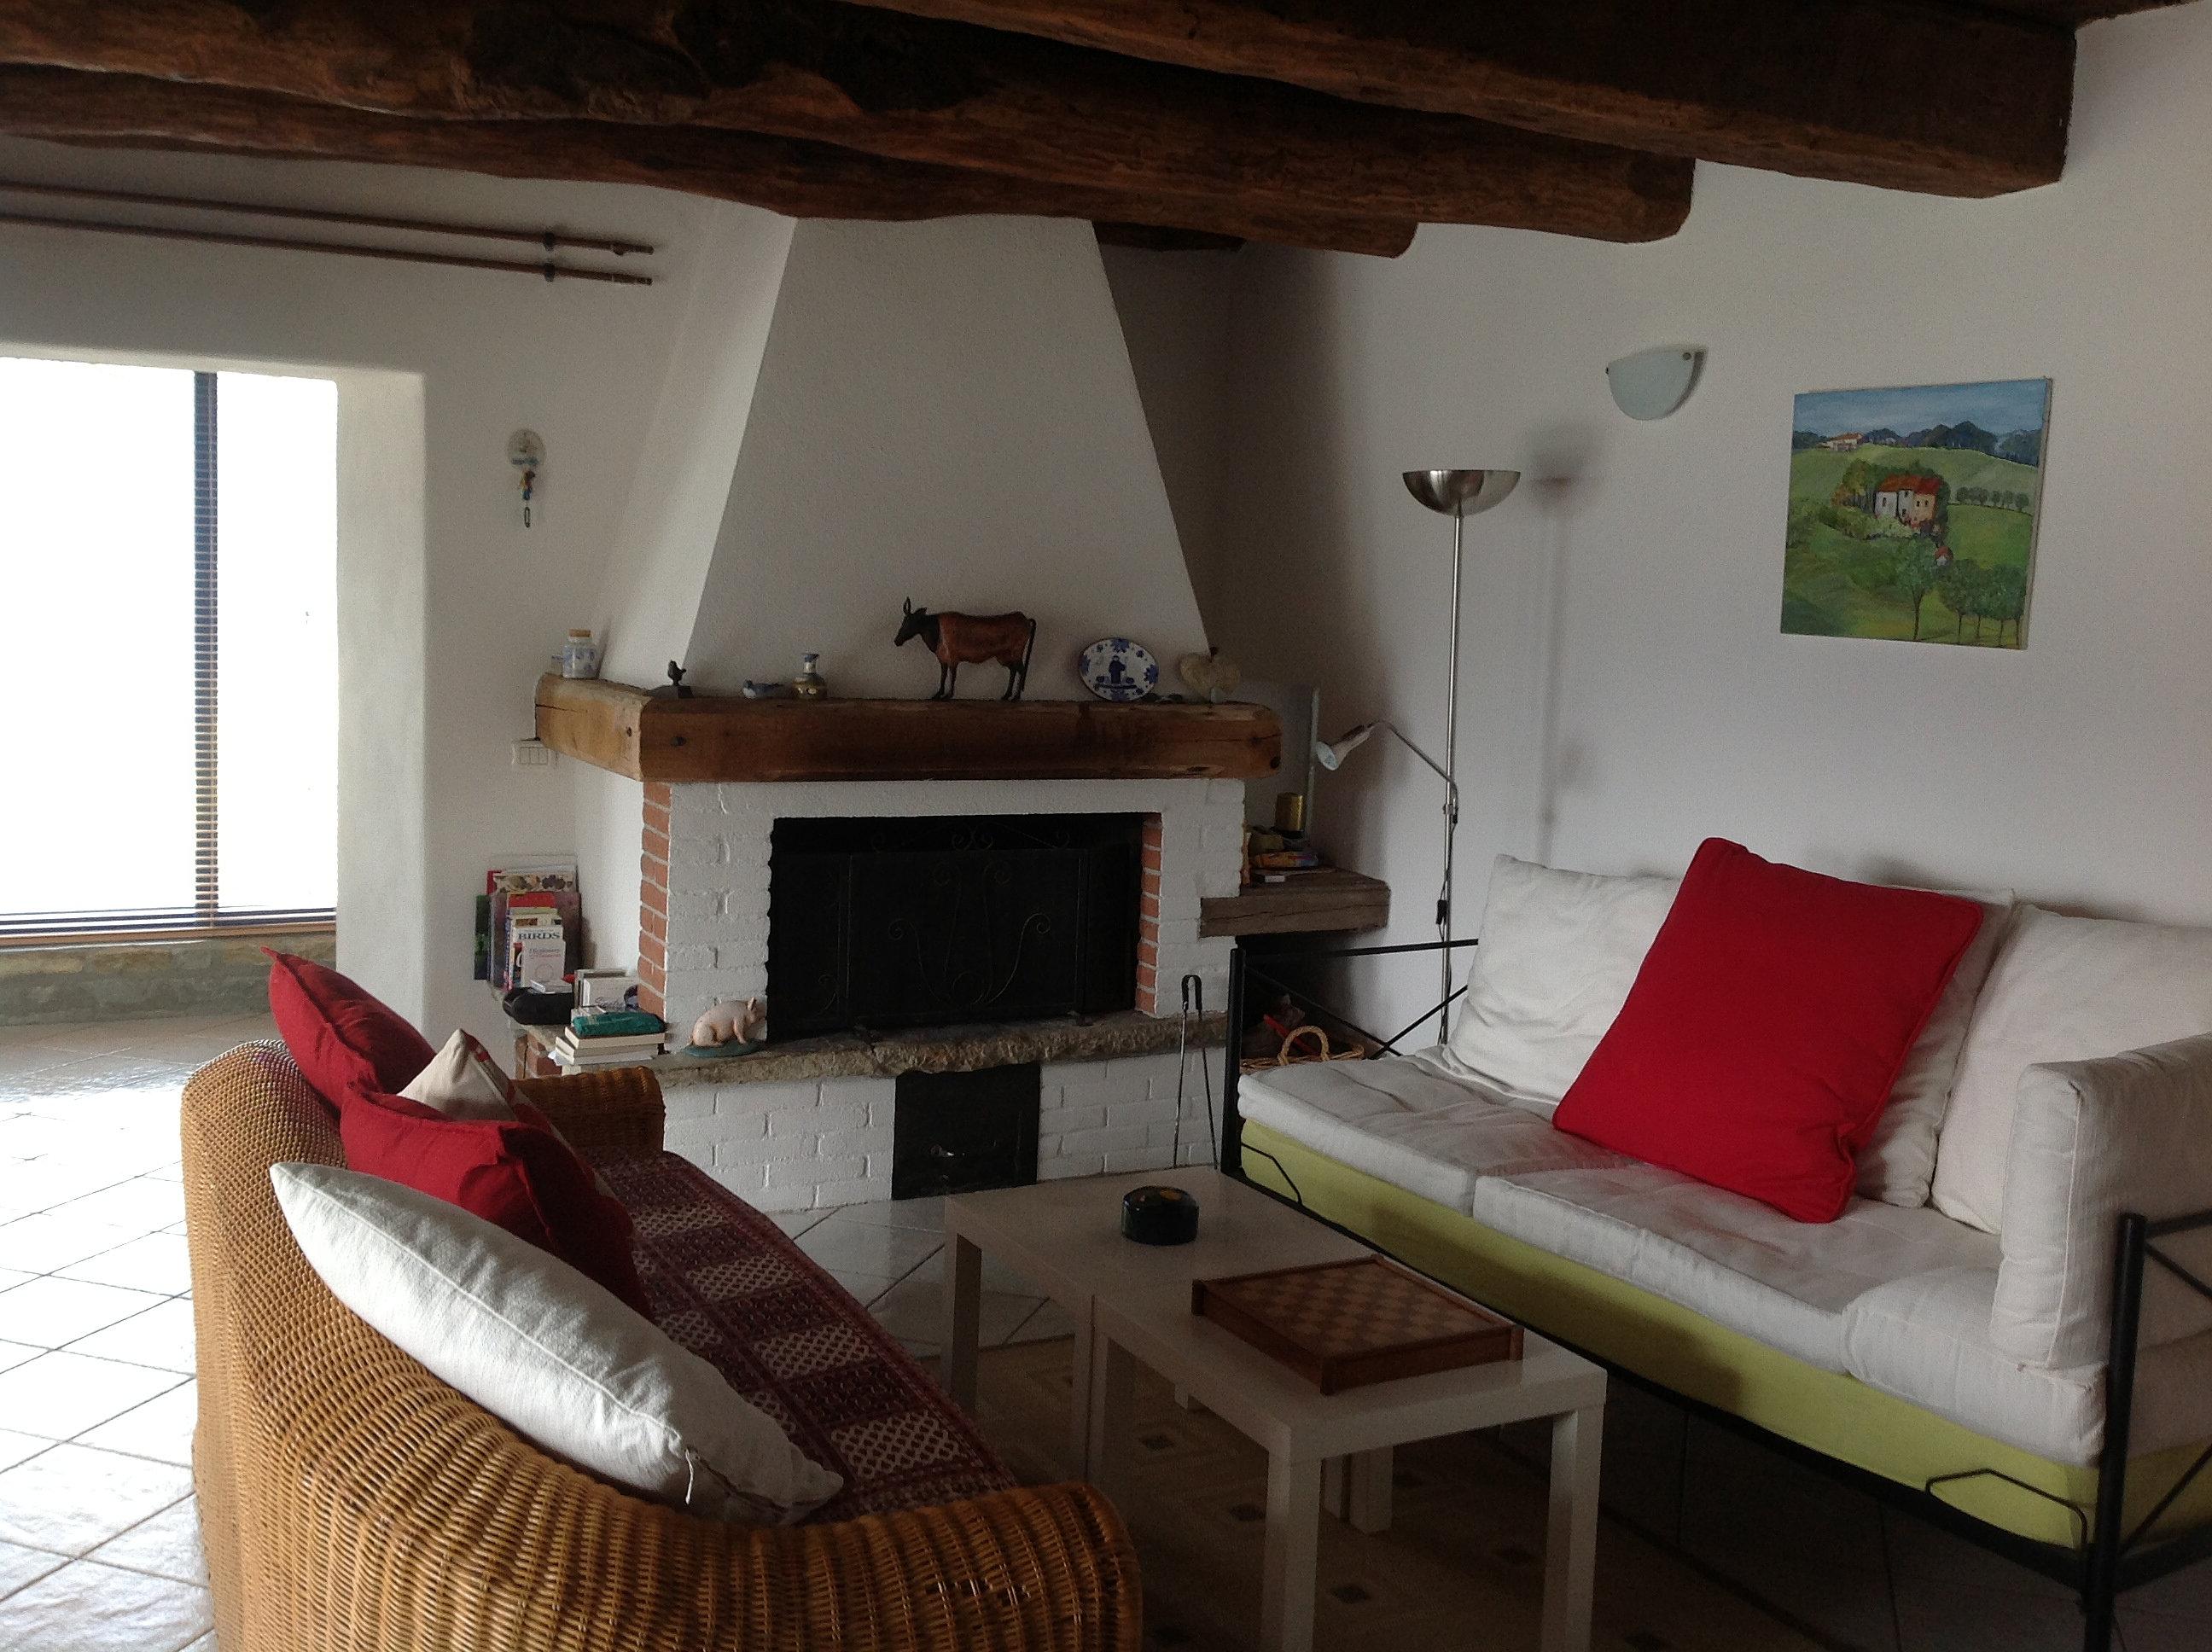 ferienhaus-piemont | das wohnzimmer